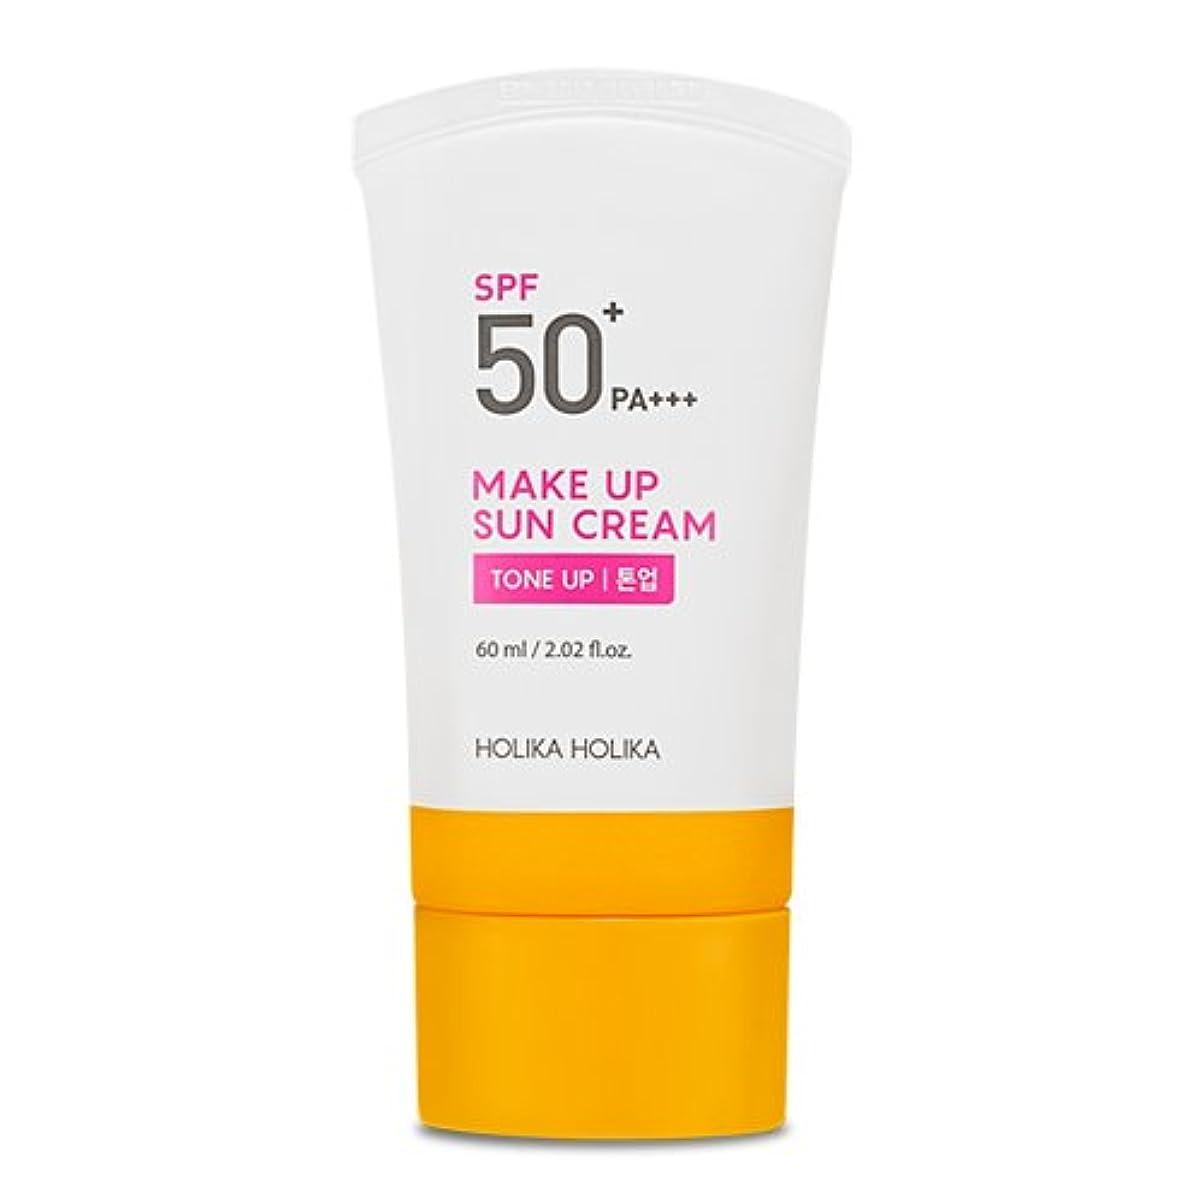 レーダー賢明な説明的[2018]ホリカホリカ メイクアップ 日焼け止めクリーム/UVケア?Holika Holika Make Up Sun Cream SPF50+ PA+++ 60ml [並行輸入品]